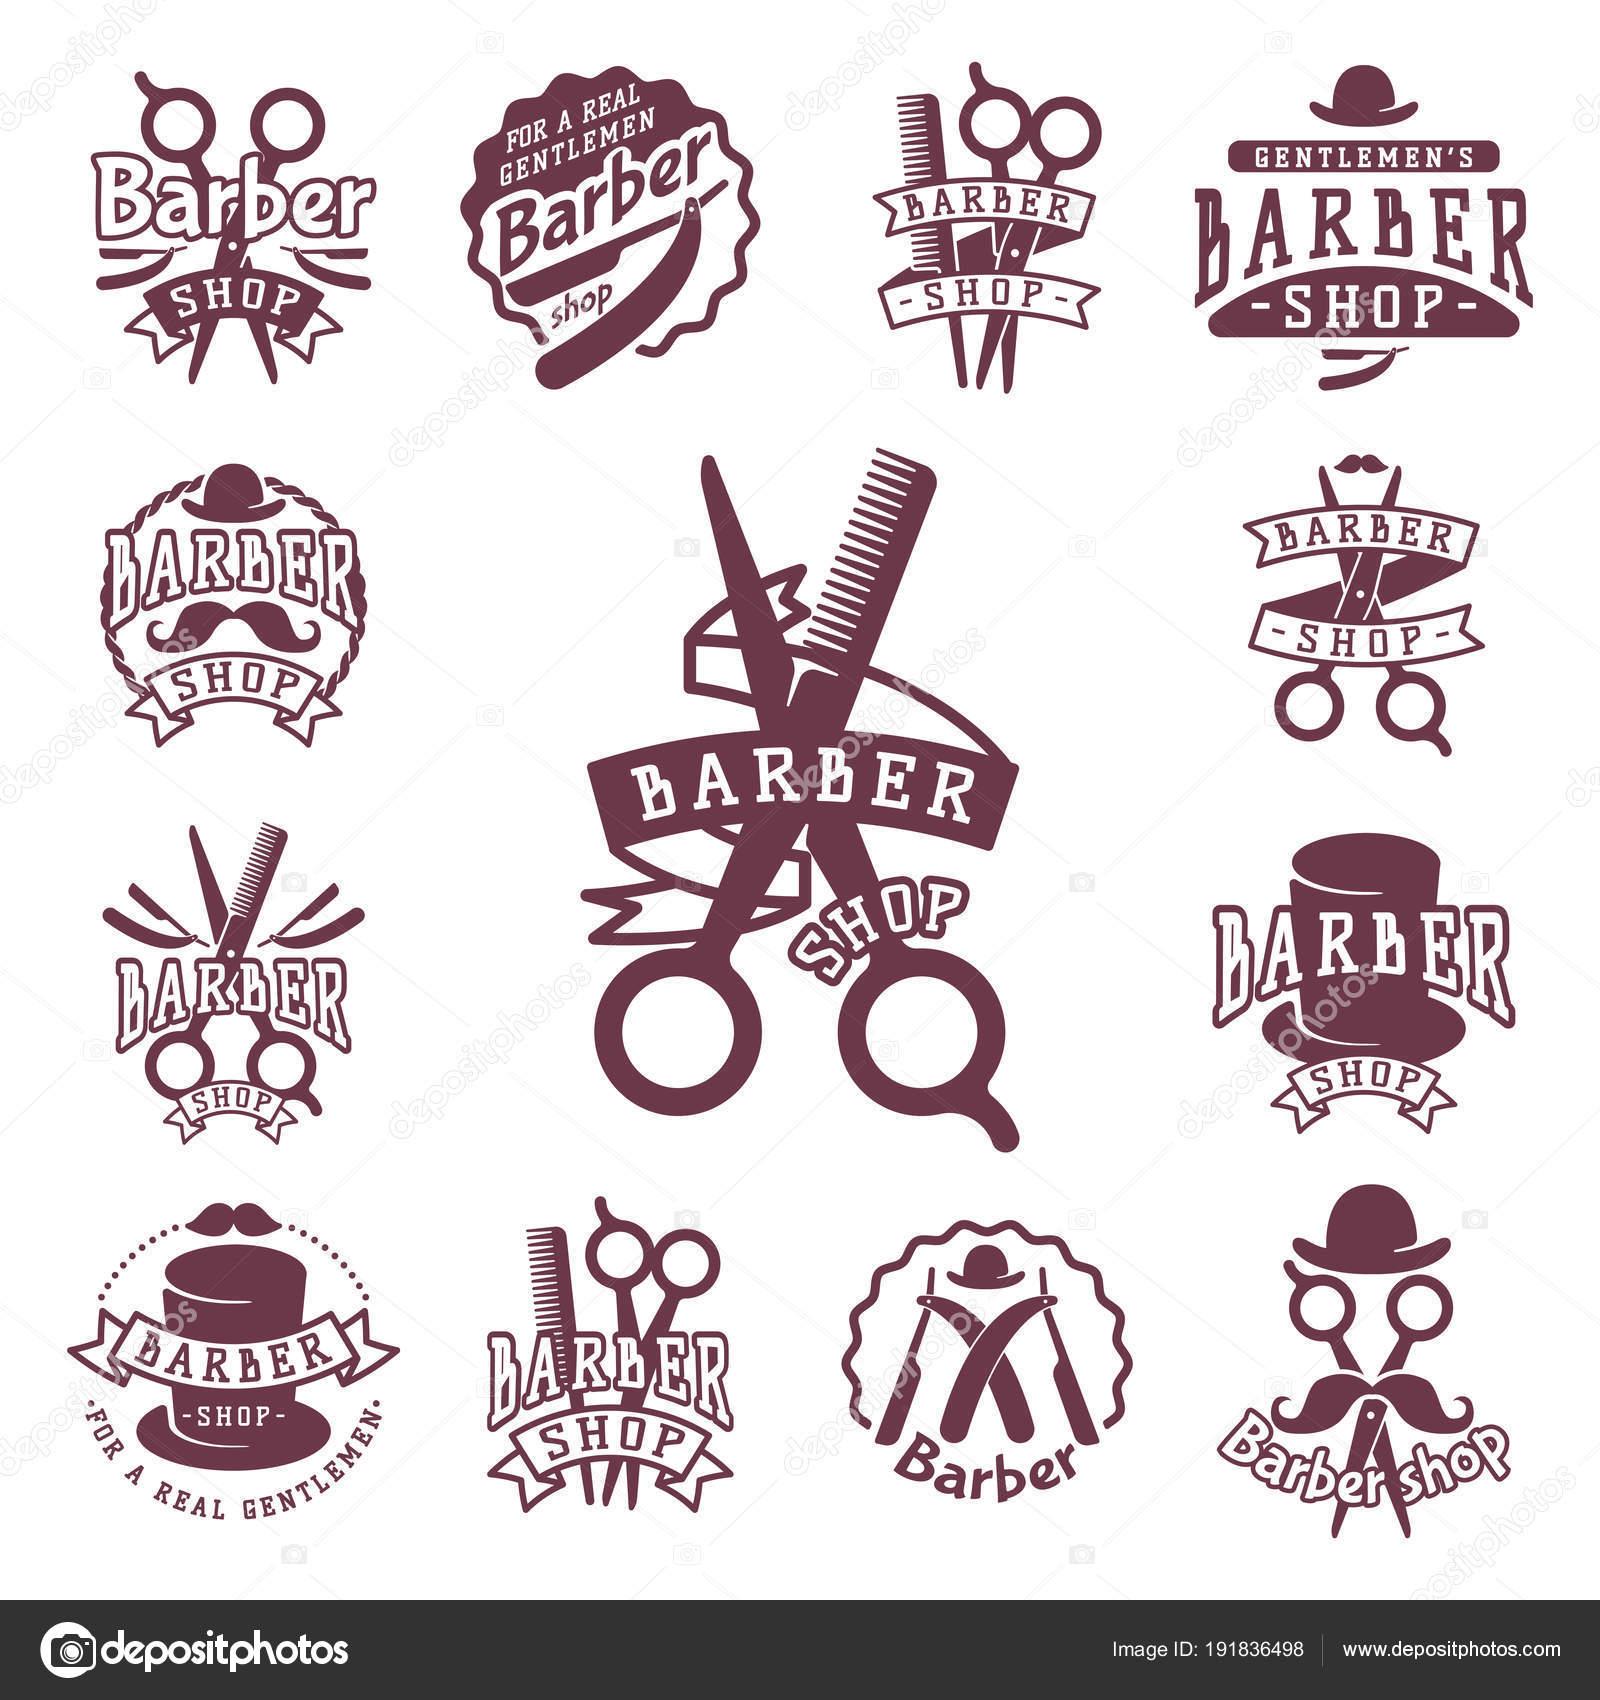 A tipografia cabeleireiro barbeiro vintage vetor logotipo estilo retro  floresce caligráfico barbearia icon ilustração — Vetores